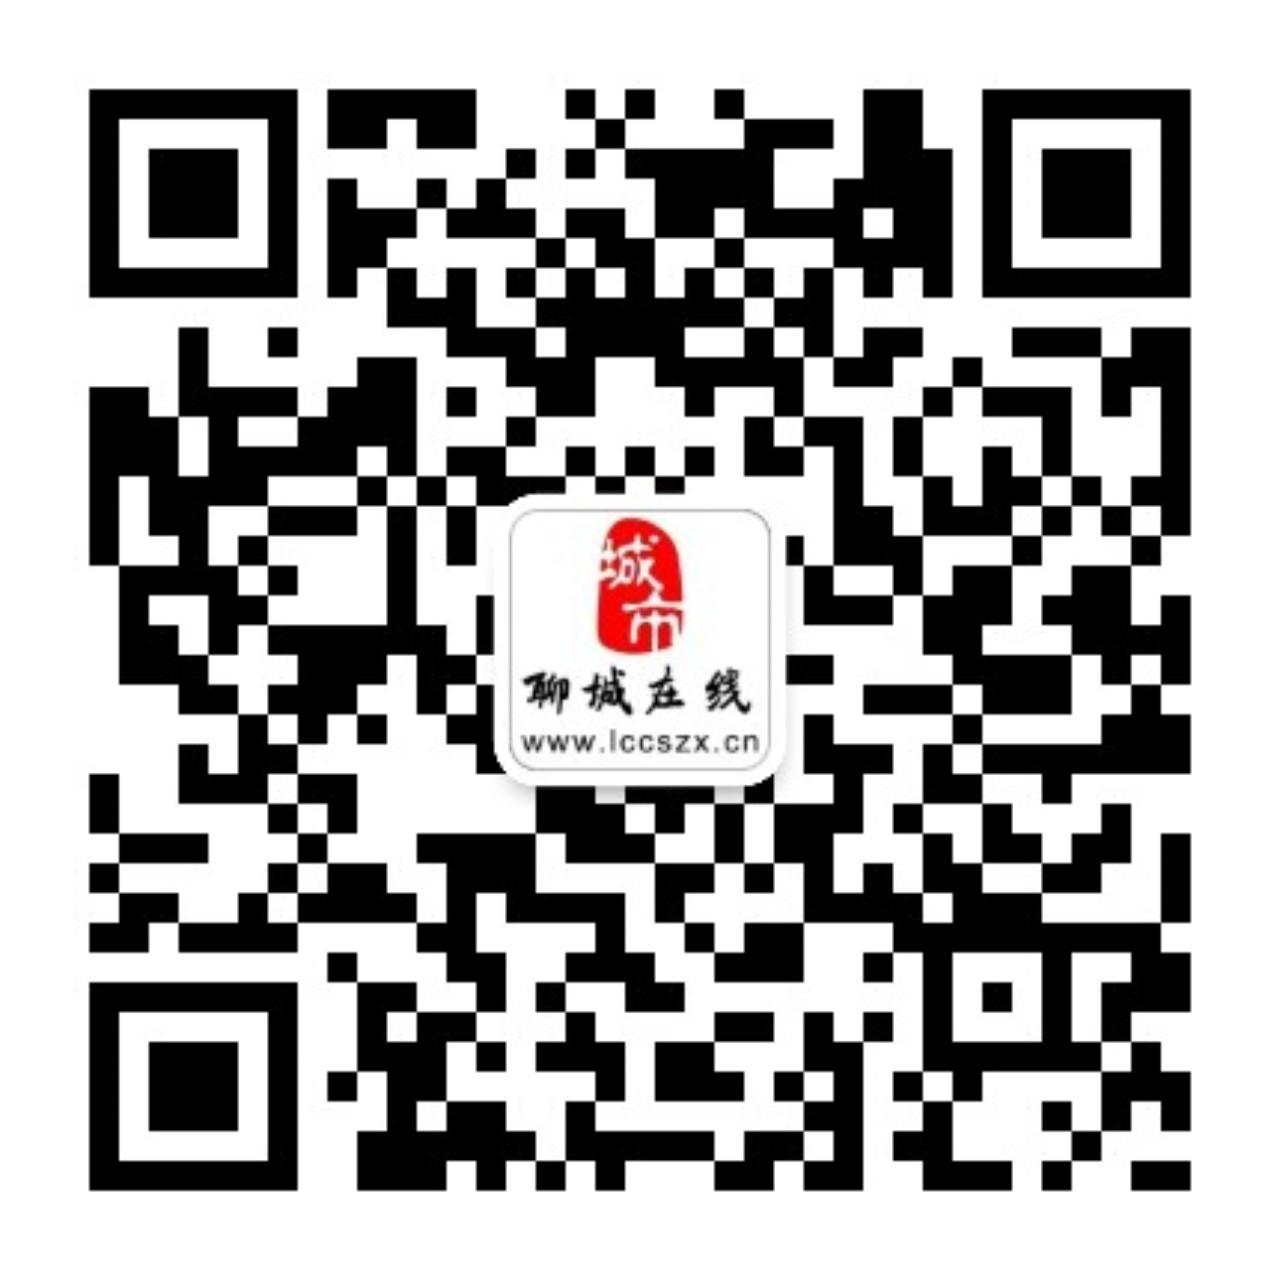 聊城万博体育手机客户端下载官方微信